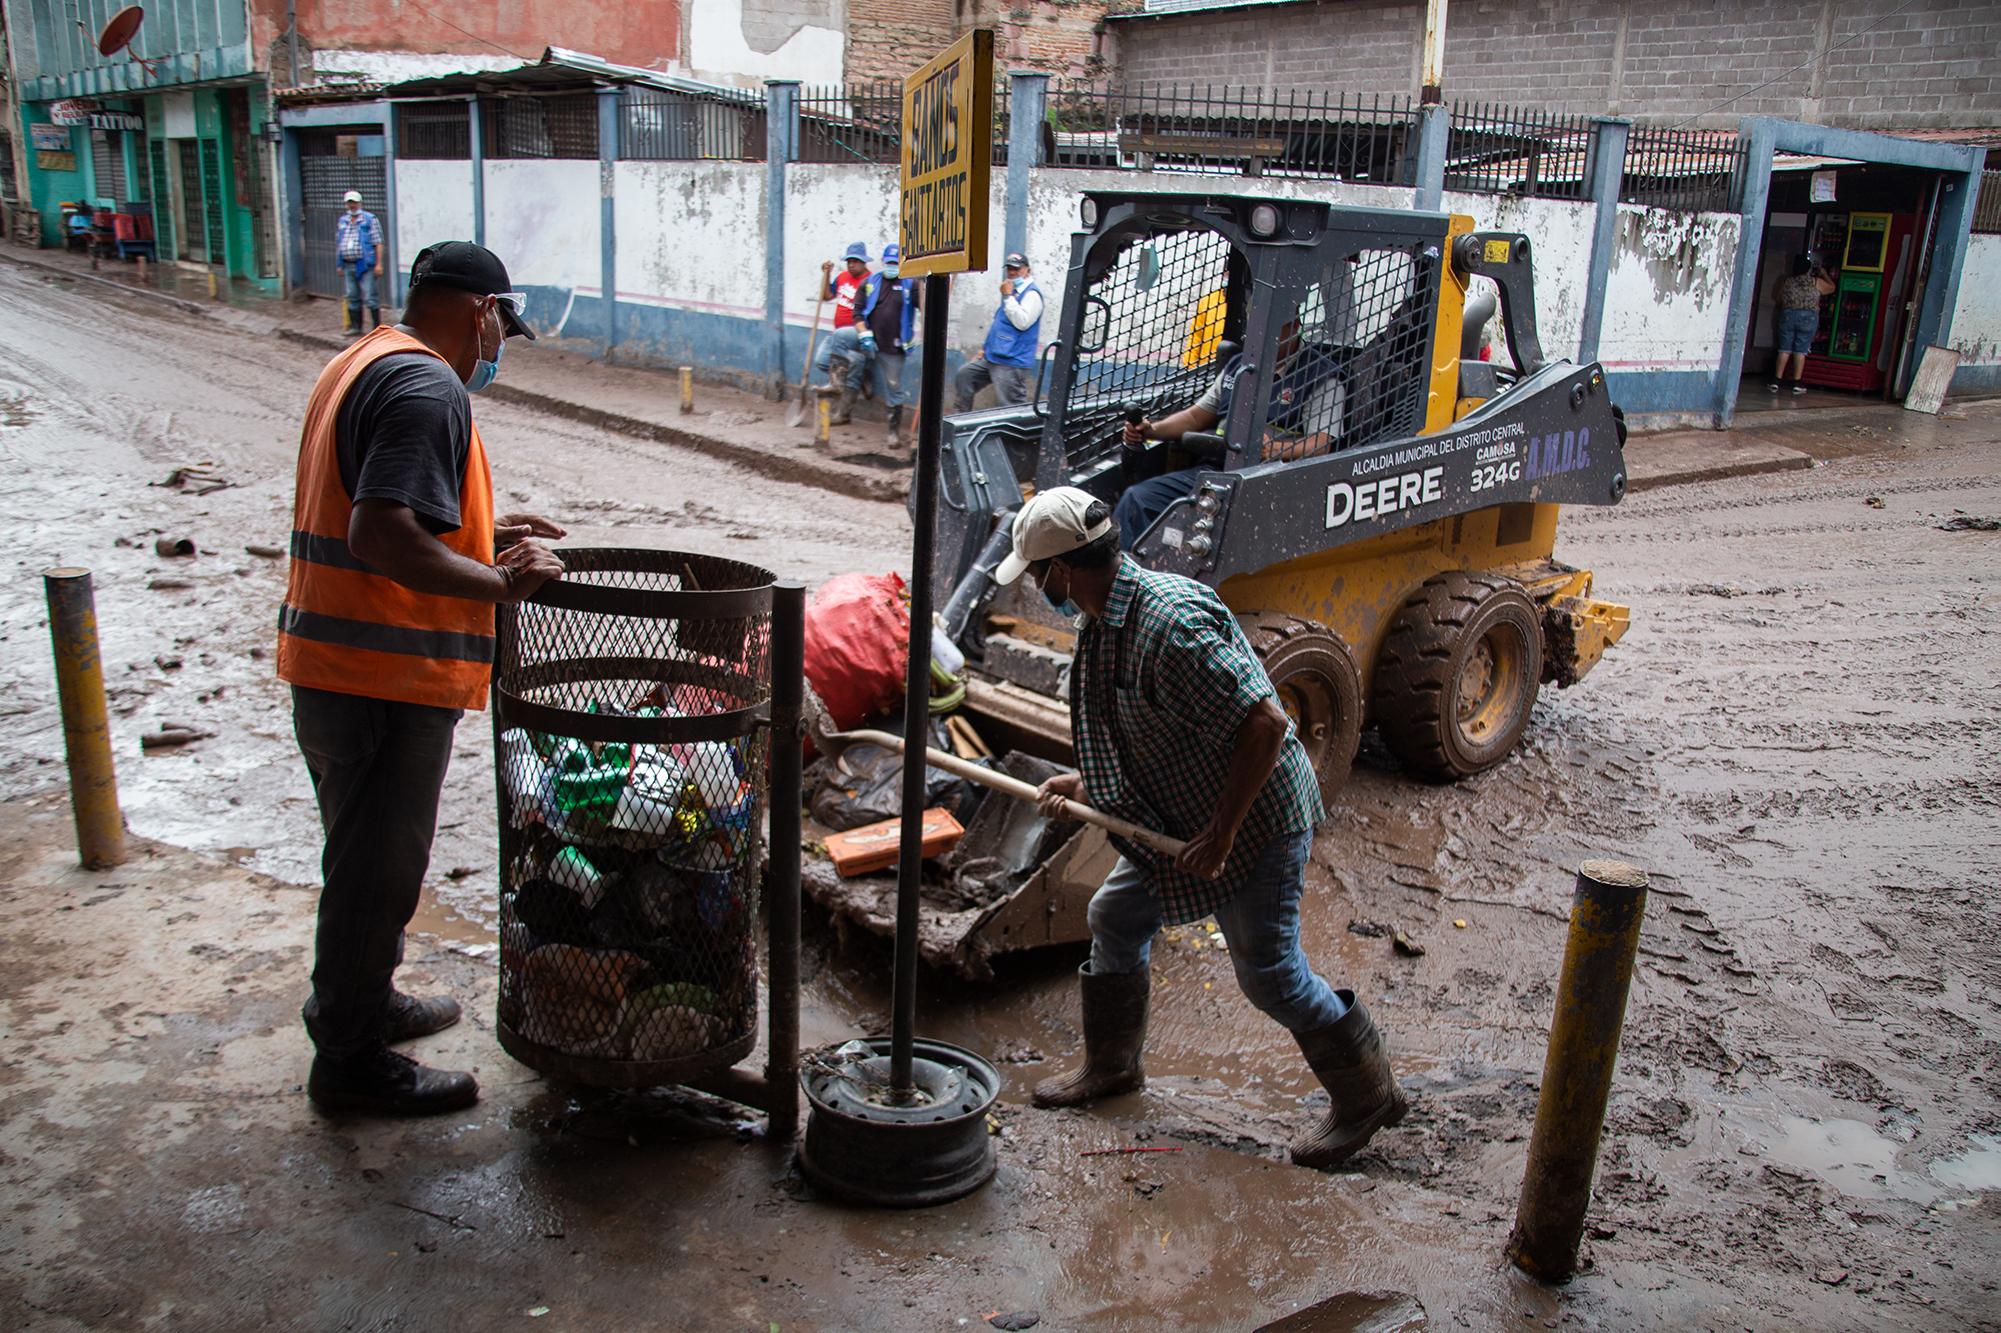 Una cuadrilla de limpieza de la Municipalidad del Distrito Central hace labores de contingencia en el Mercado Emmanuel donde los locales fueron inundados por la crecida del Río Choluteca. Comayagüela, 5 de noviembre de 2020. Foto: Martín Cálix.